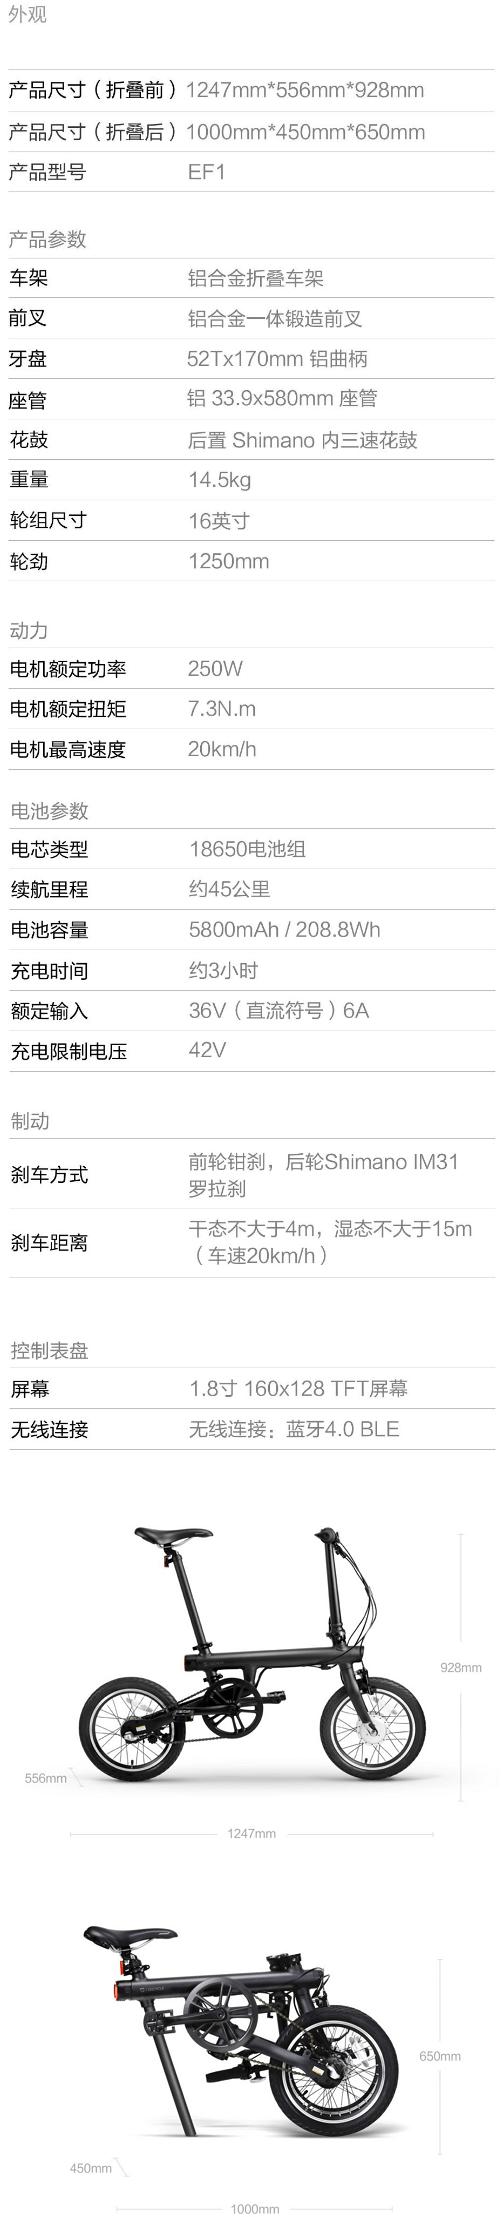 不騎平衡車啦!米家電助力摺疊自行車發表,售價 2999 人民幣 %E8%A6%8F%E6%A0%BC